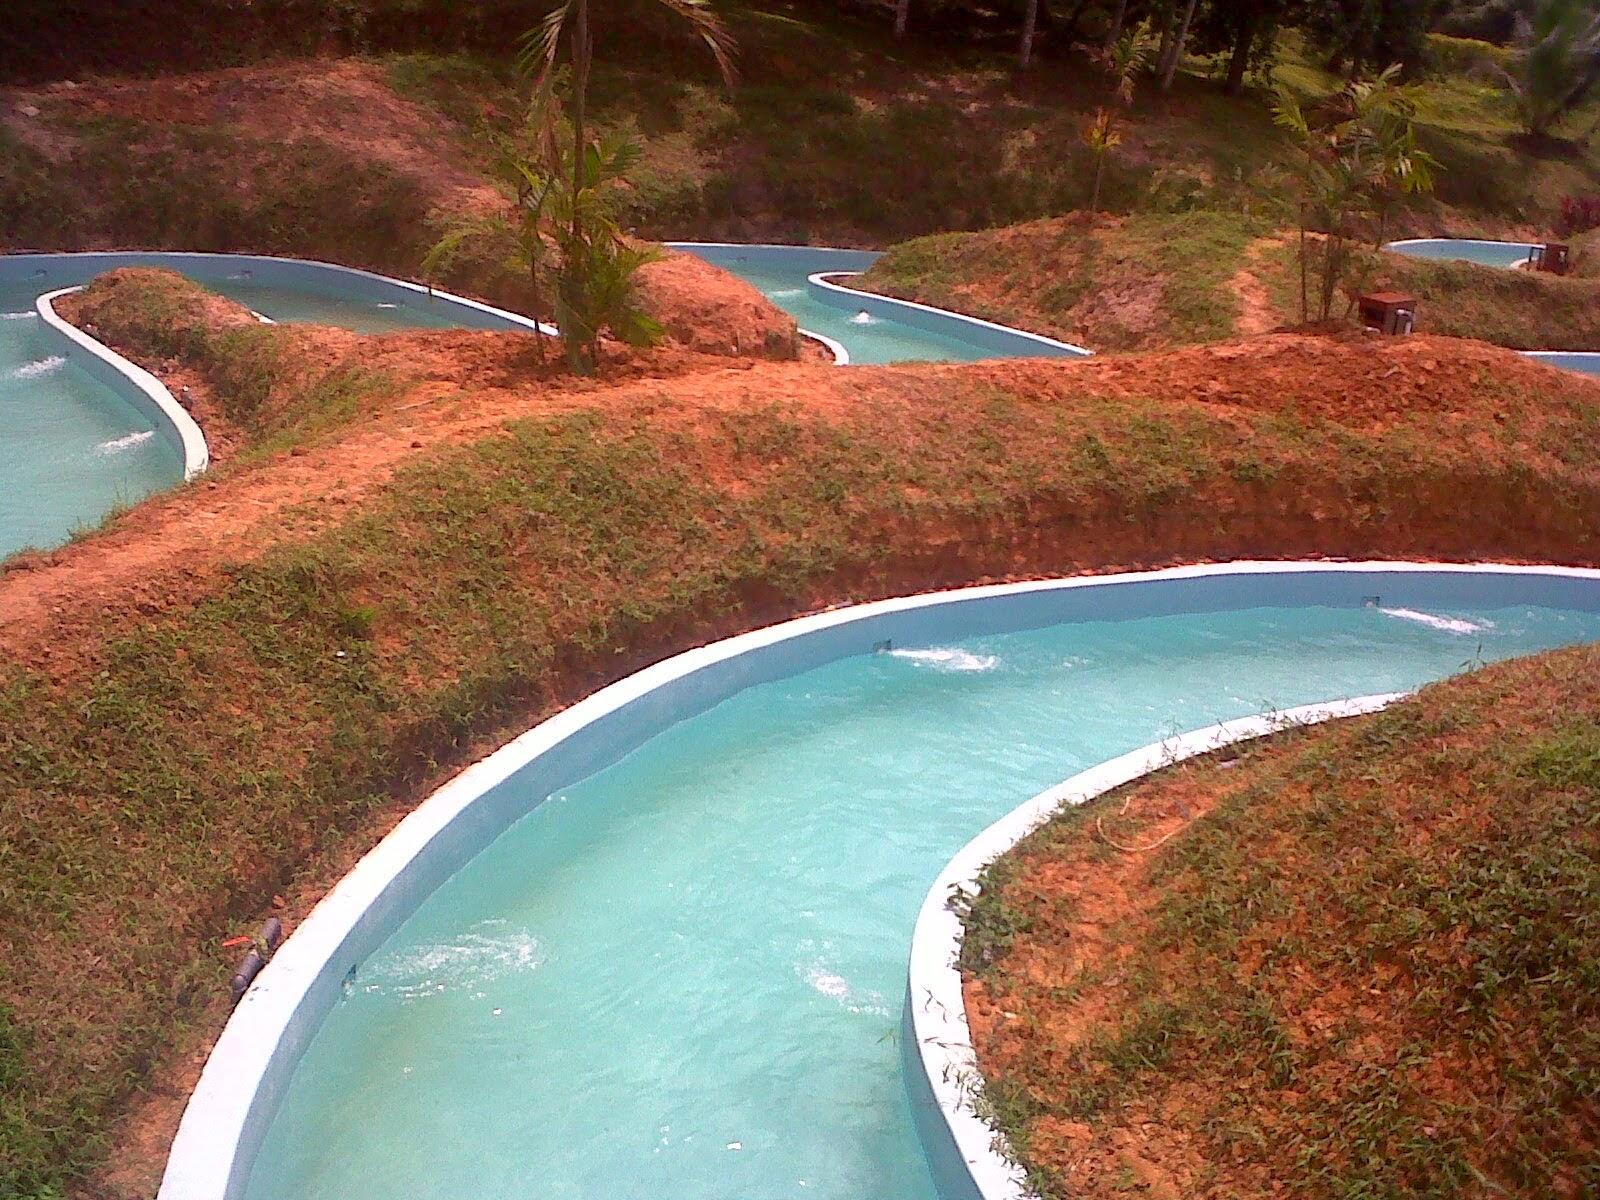 Arachely Serena Pramudya Bermain Air Jungle Water World Tentunya Menjelajahi